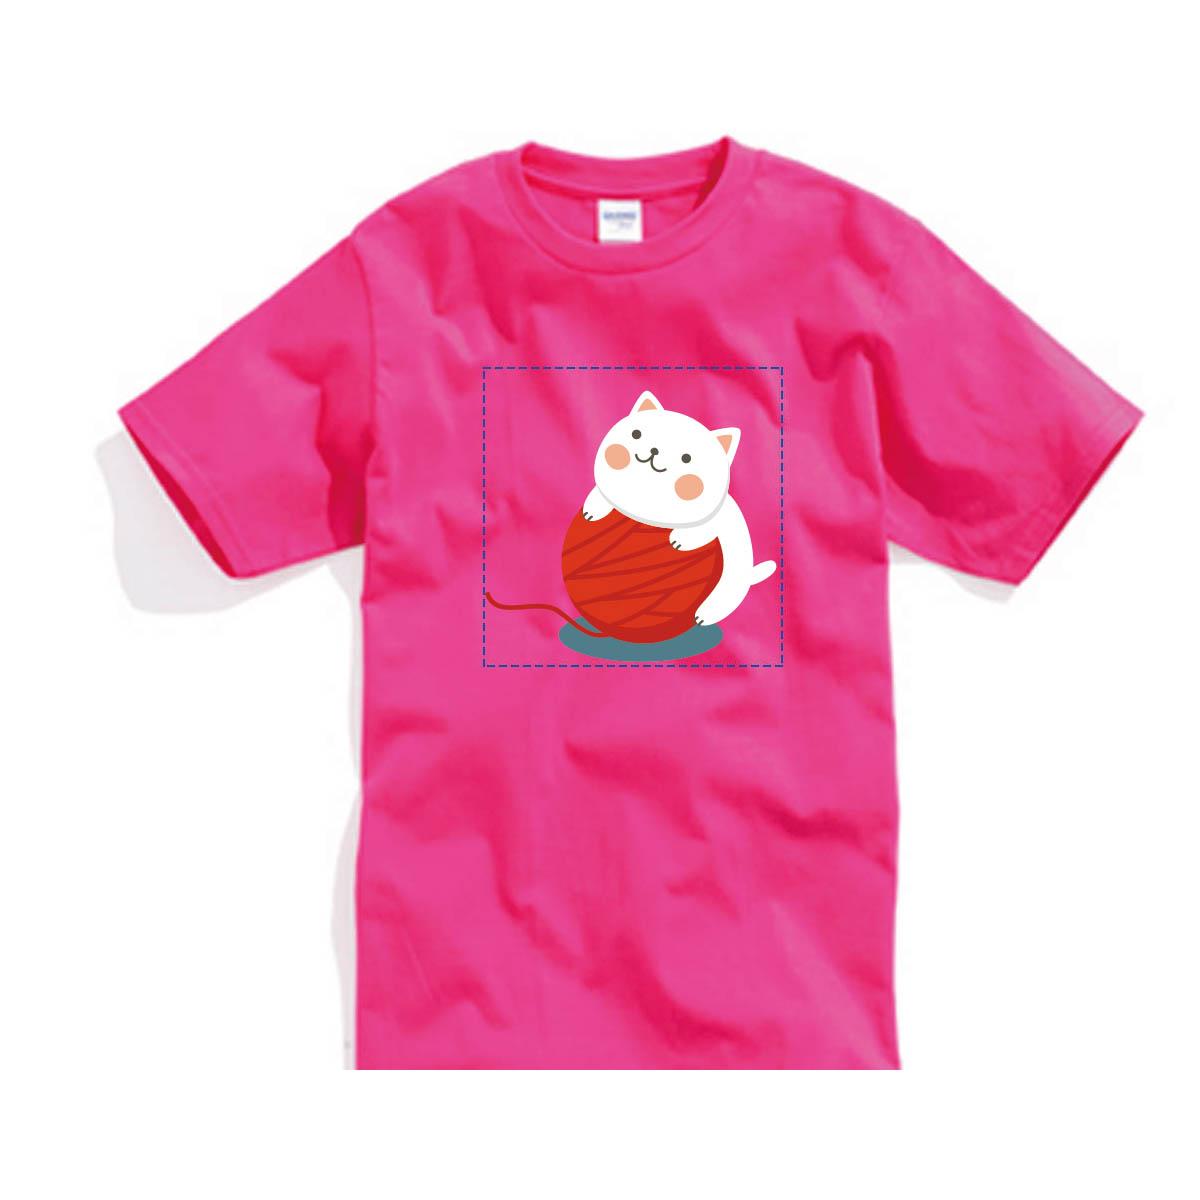 ✨ 喵星2系列✨自己的T恤自己做-色T!100%純棉台製棉T素材!一件也可以做!多件另有優惠!歡迎團體訂做!BSP喵星系001_毛球喵_B 0